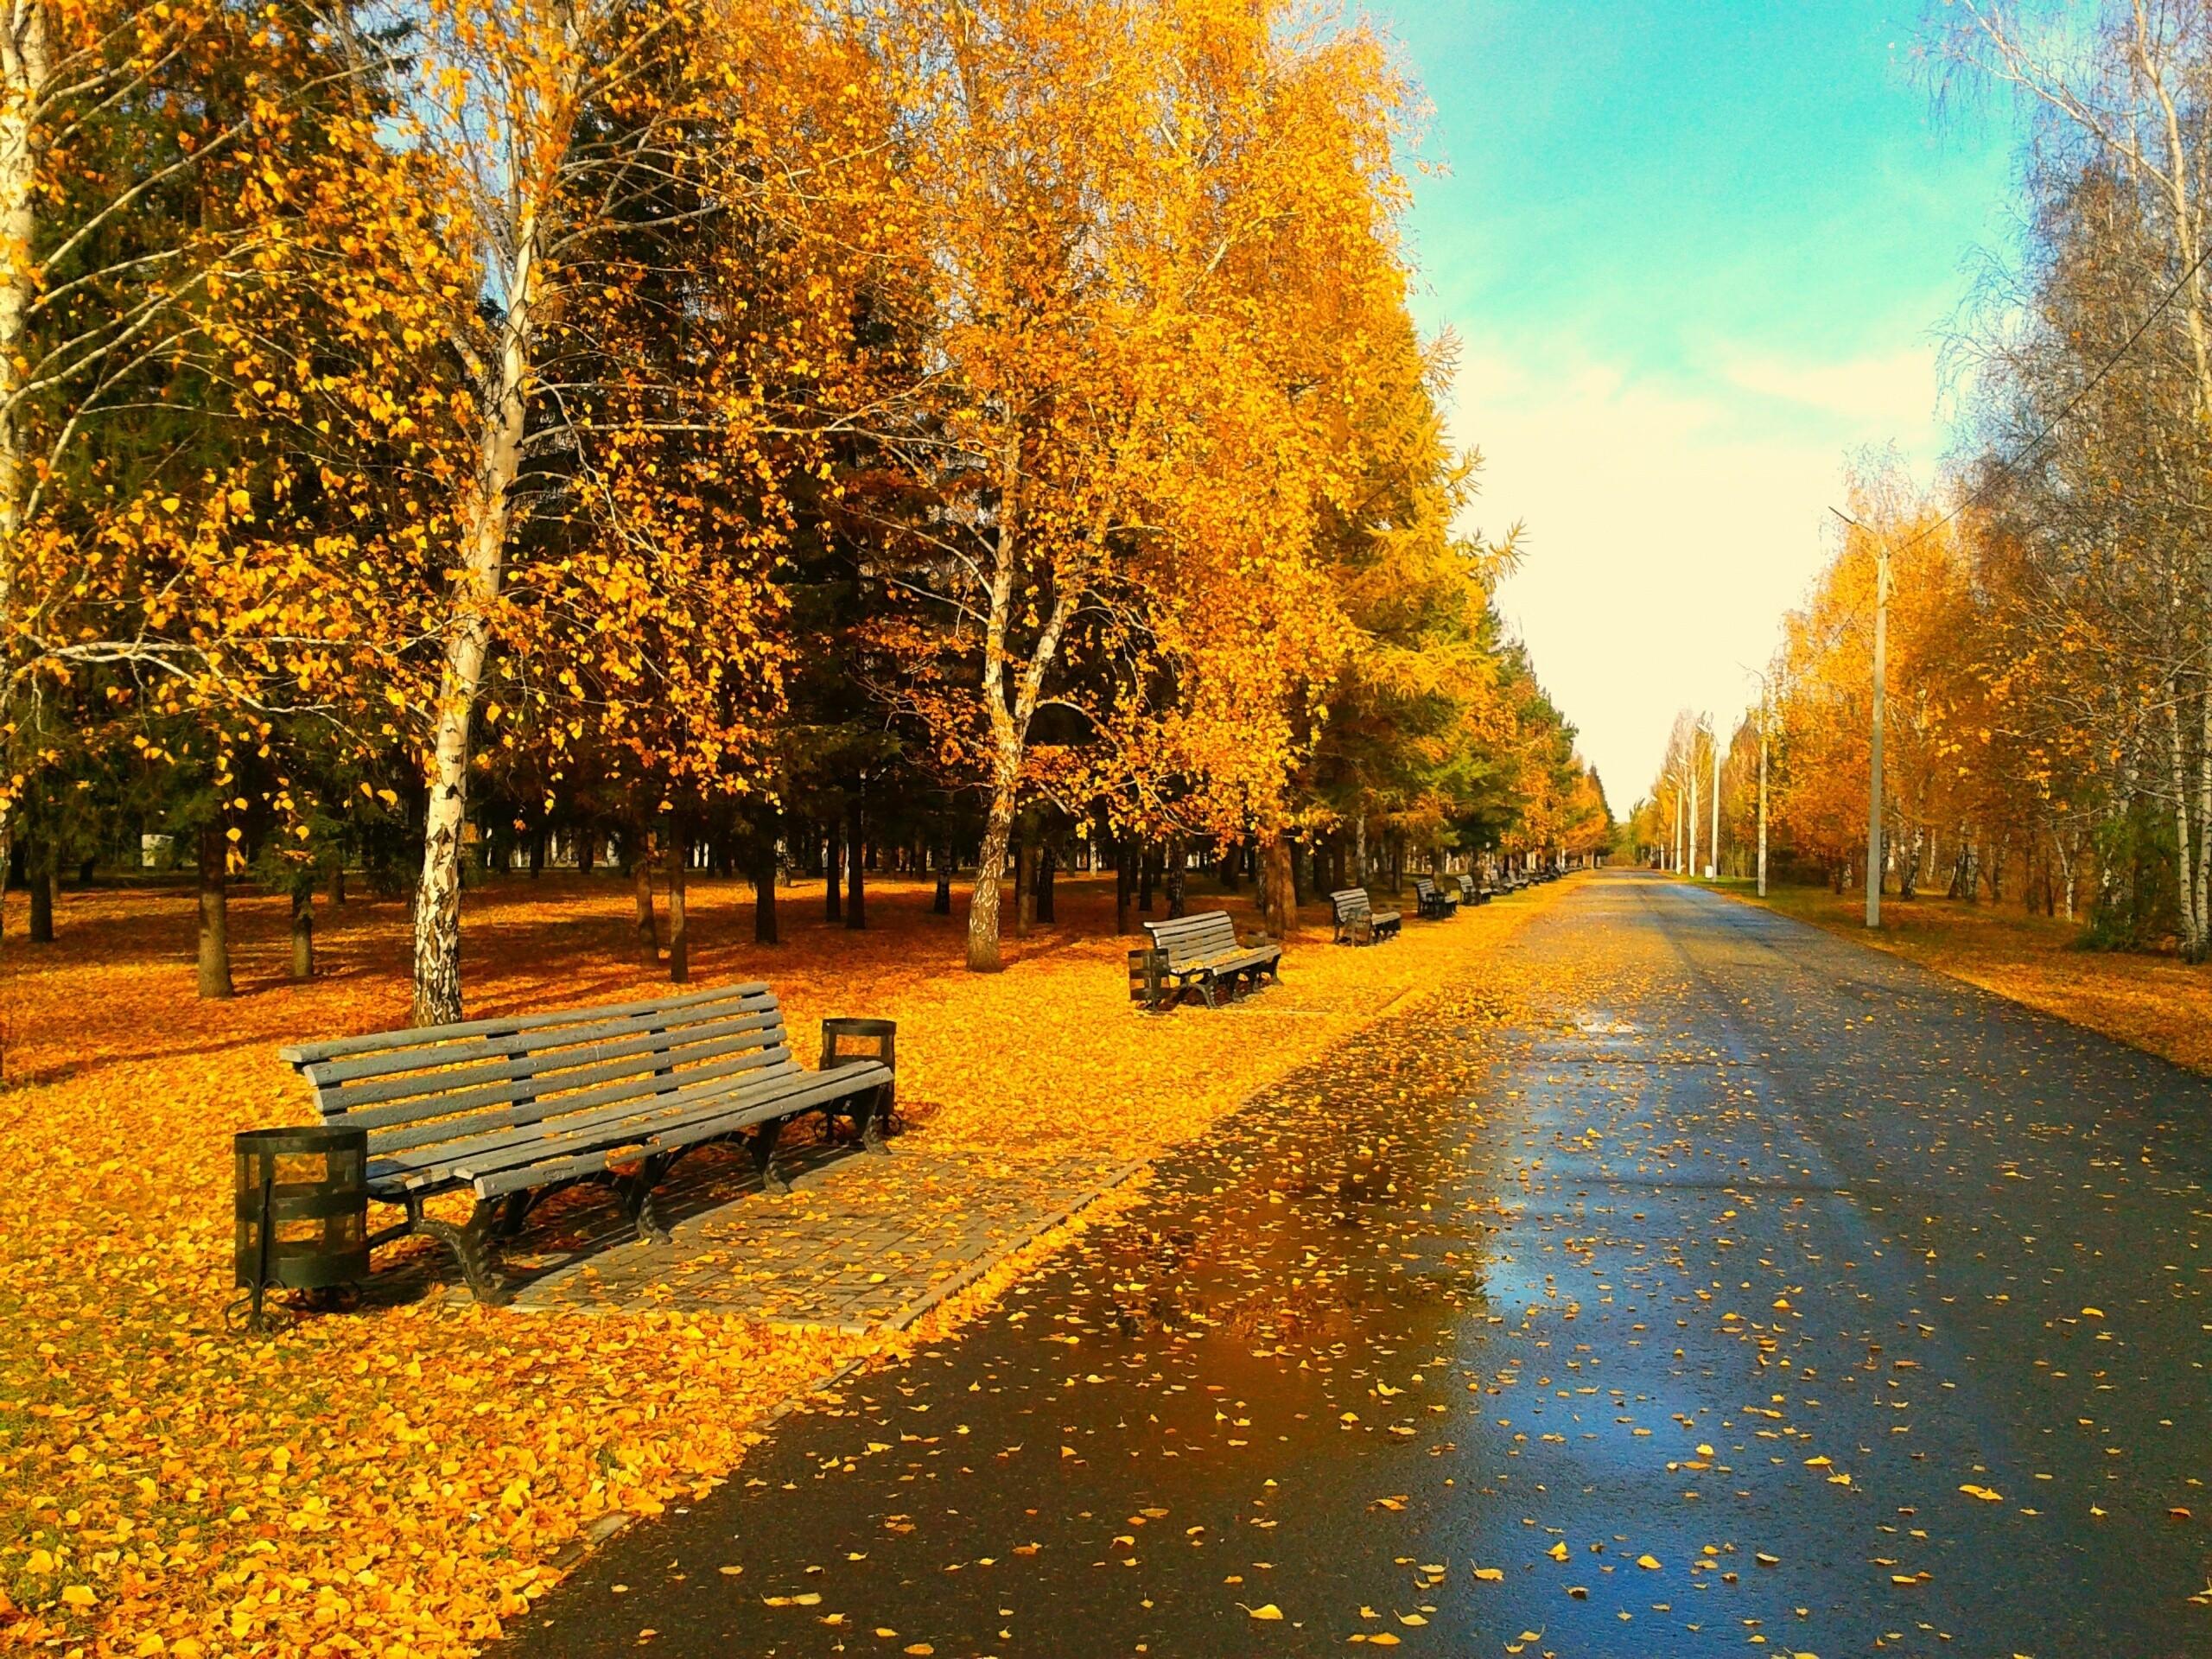 Autumn season wallpaper | AllWallpaper.in #15136 | PC | en